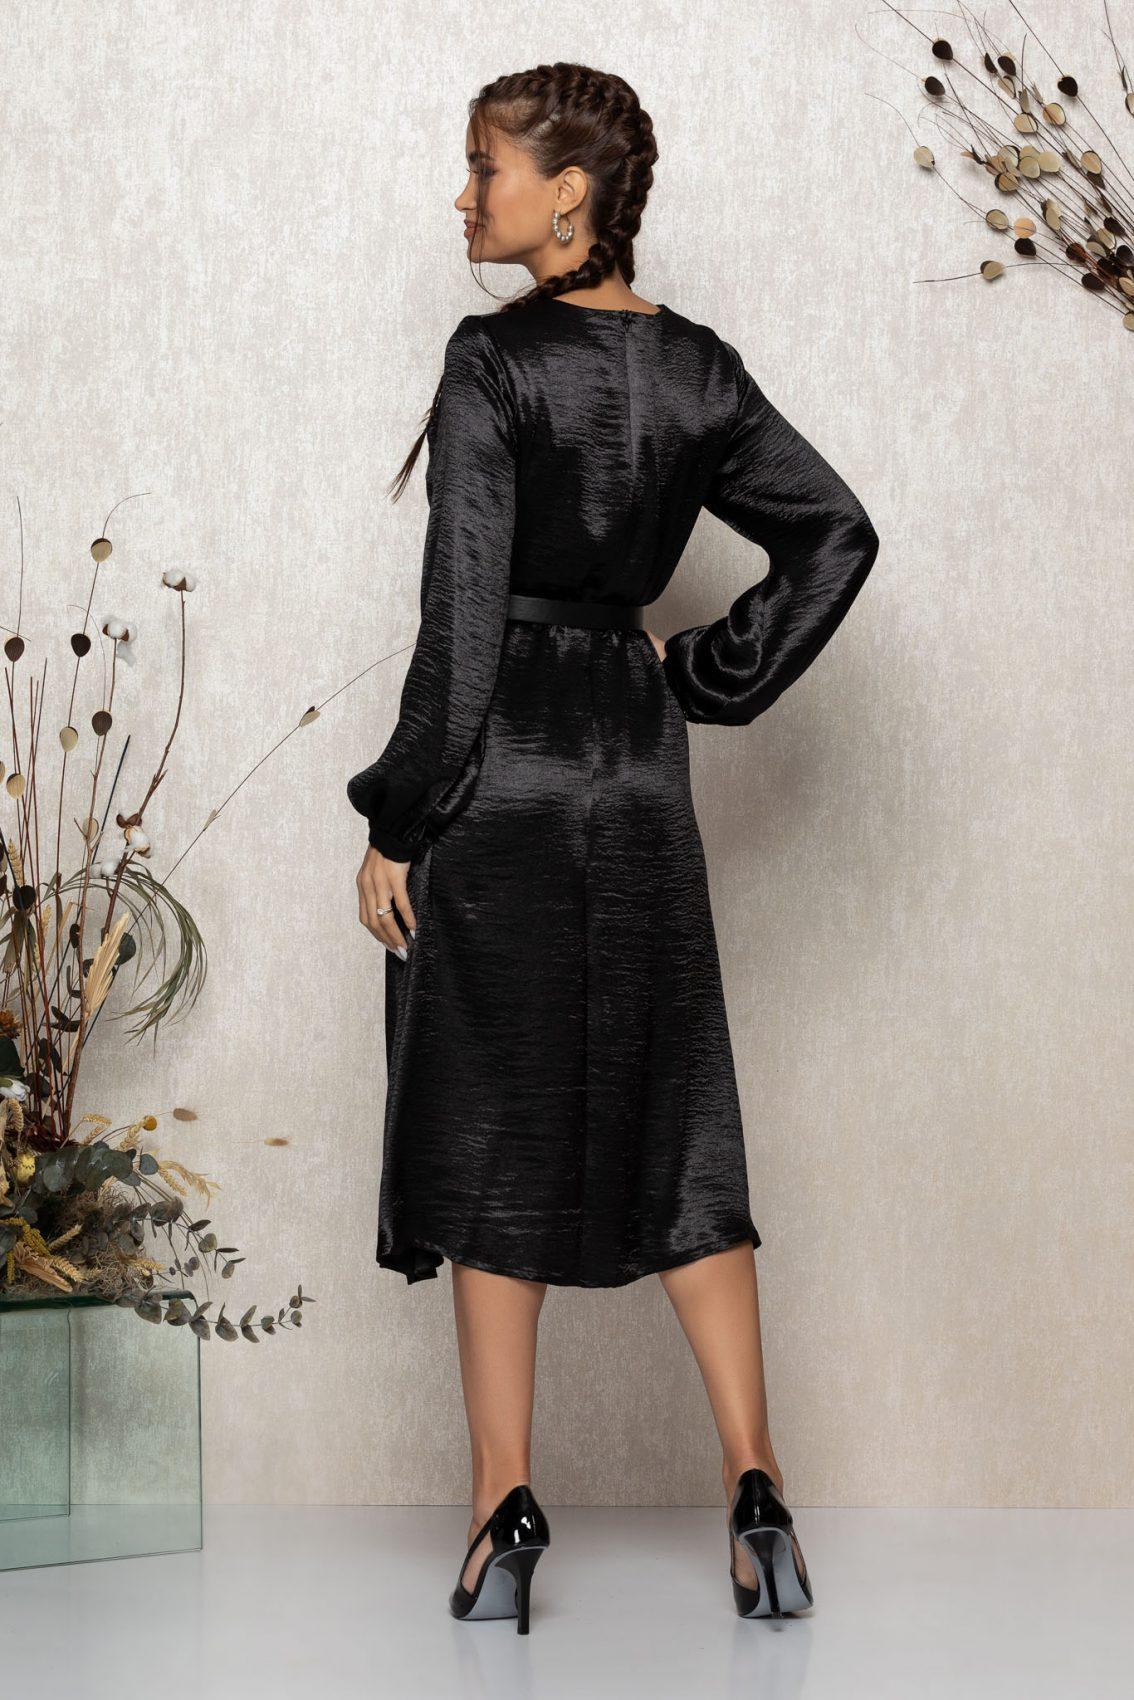 Μαύρο Μίντι Σατέν Κλος Φόρεμα Zephira T336 2